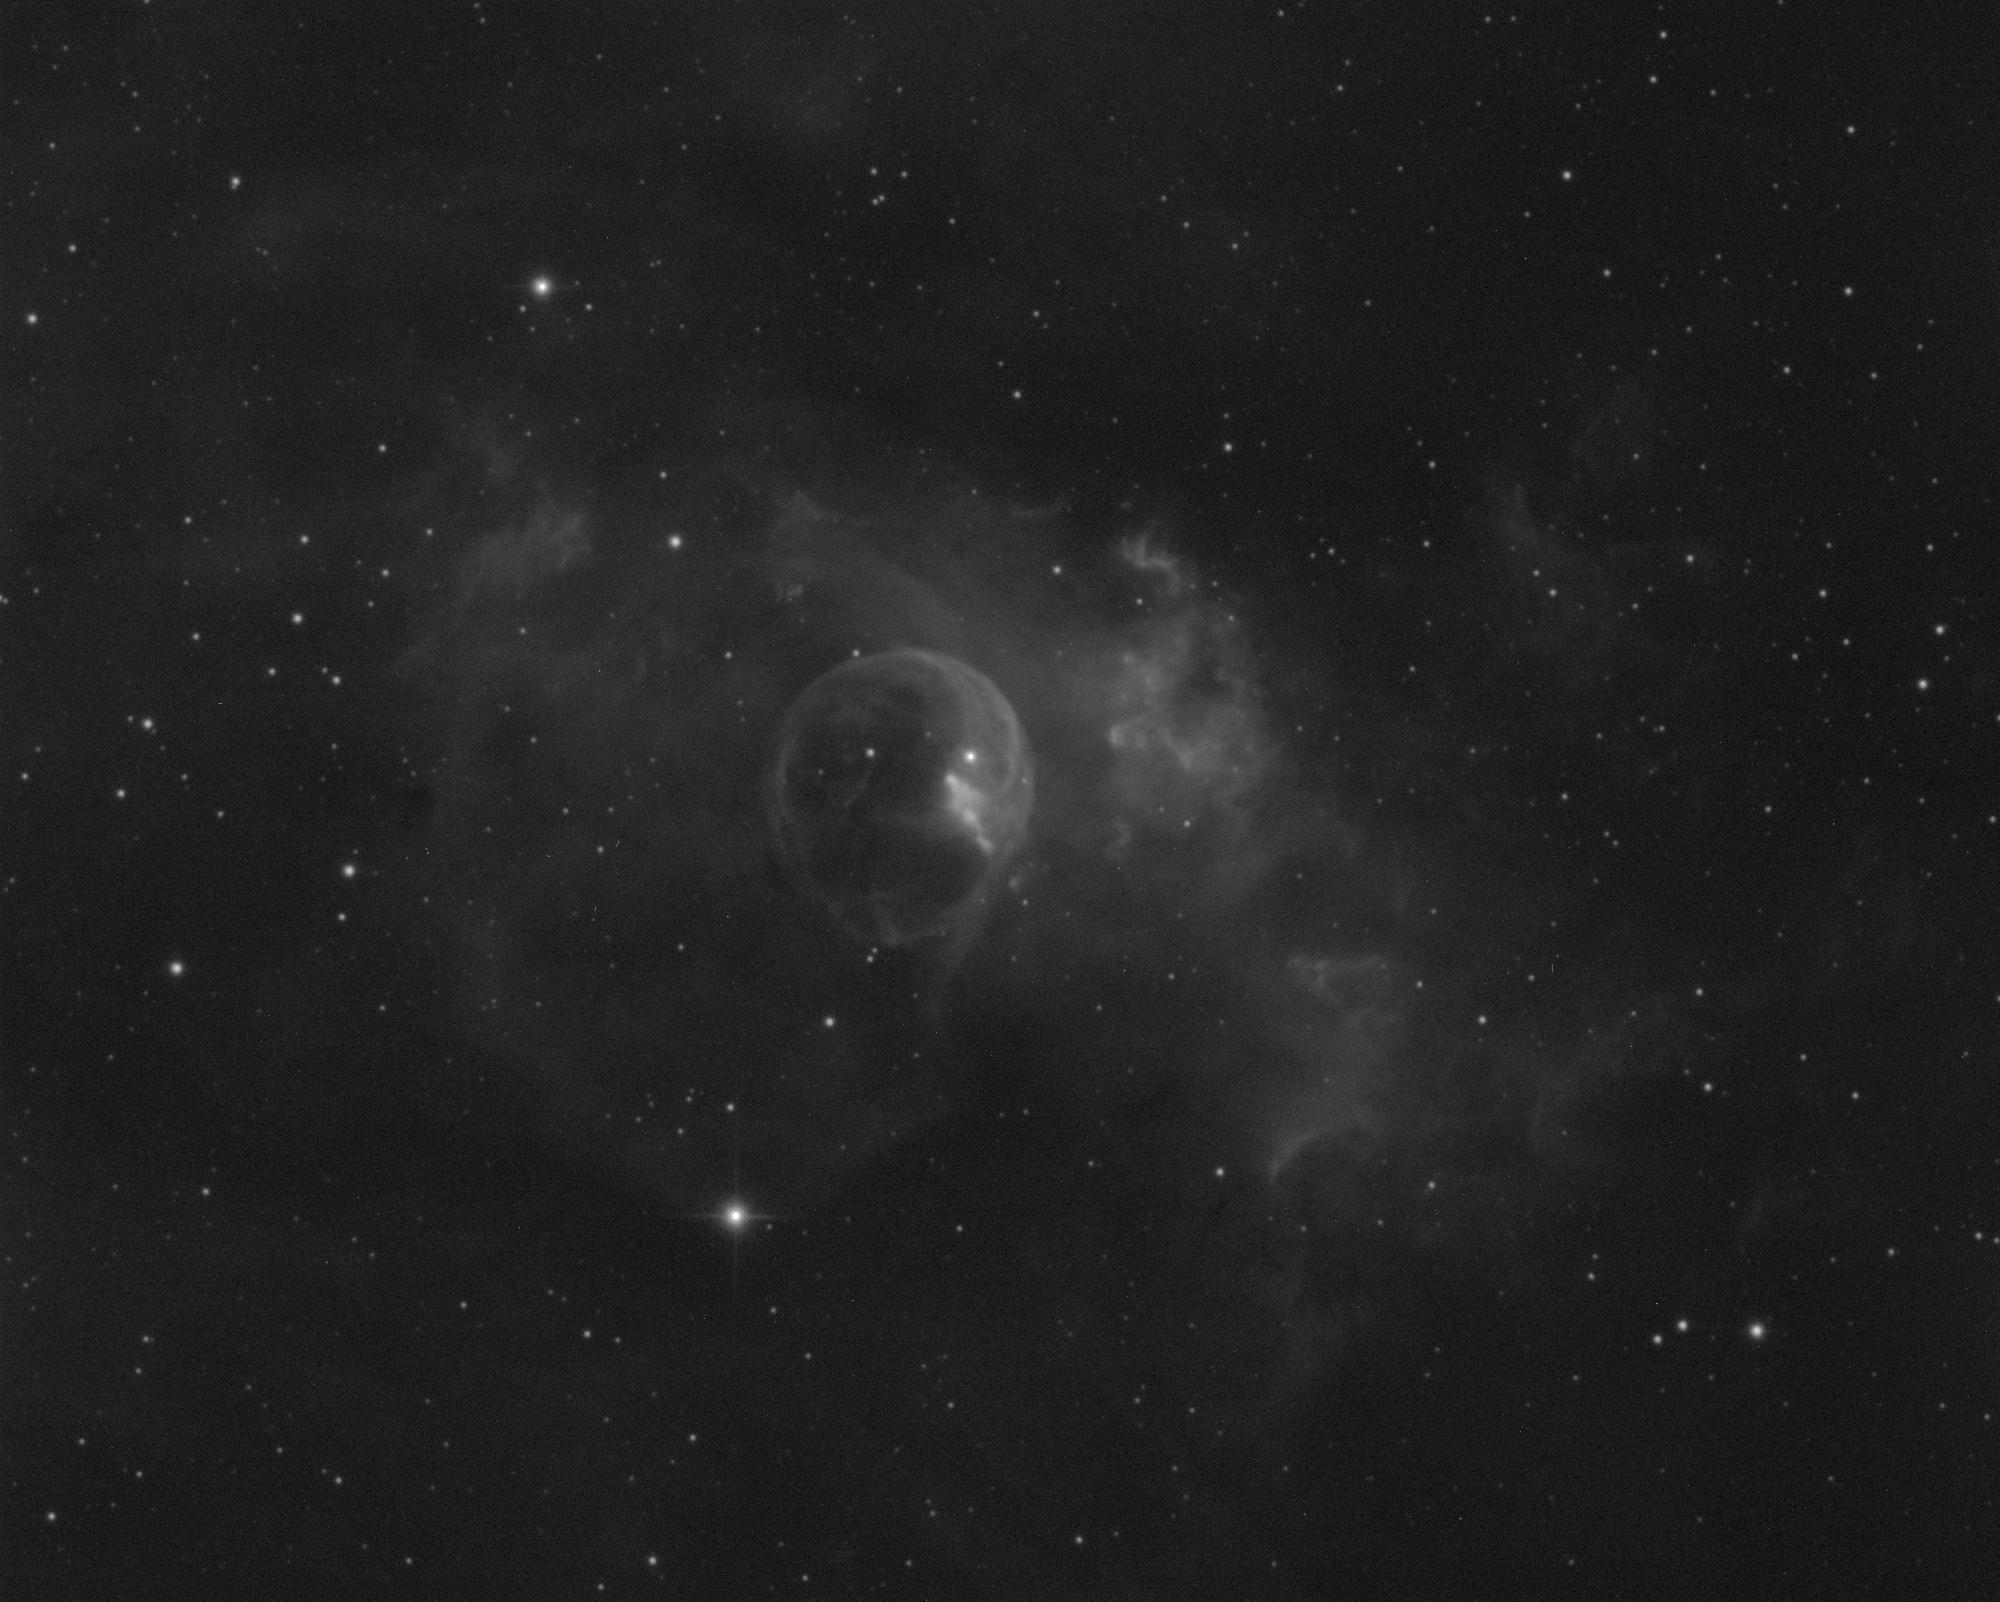 NGC 7635_Light_Ha_600s_1x1_E_-15.20681.jpg